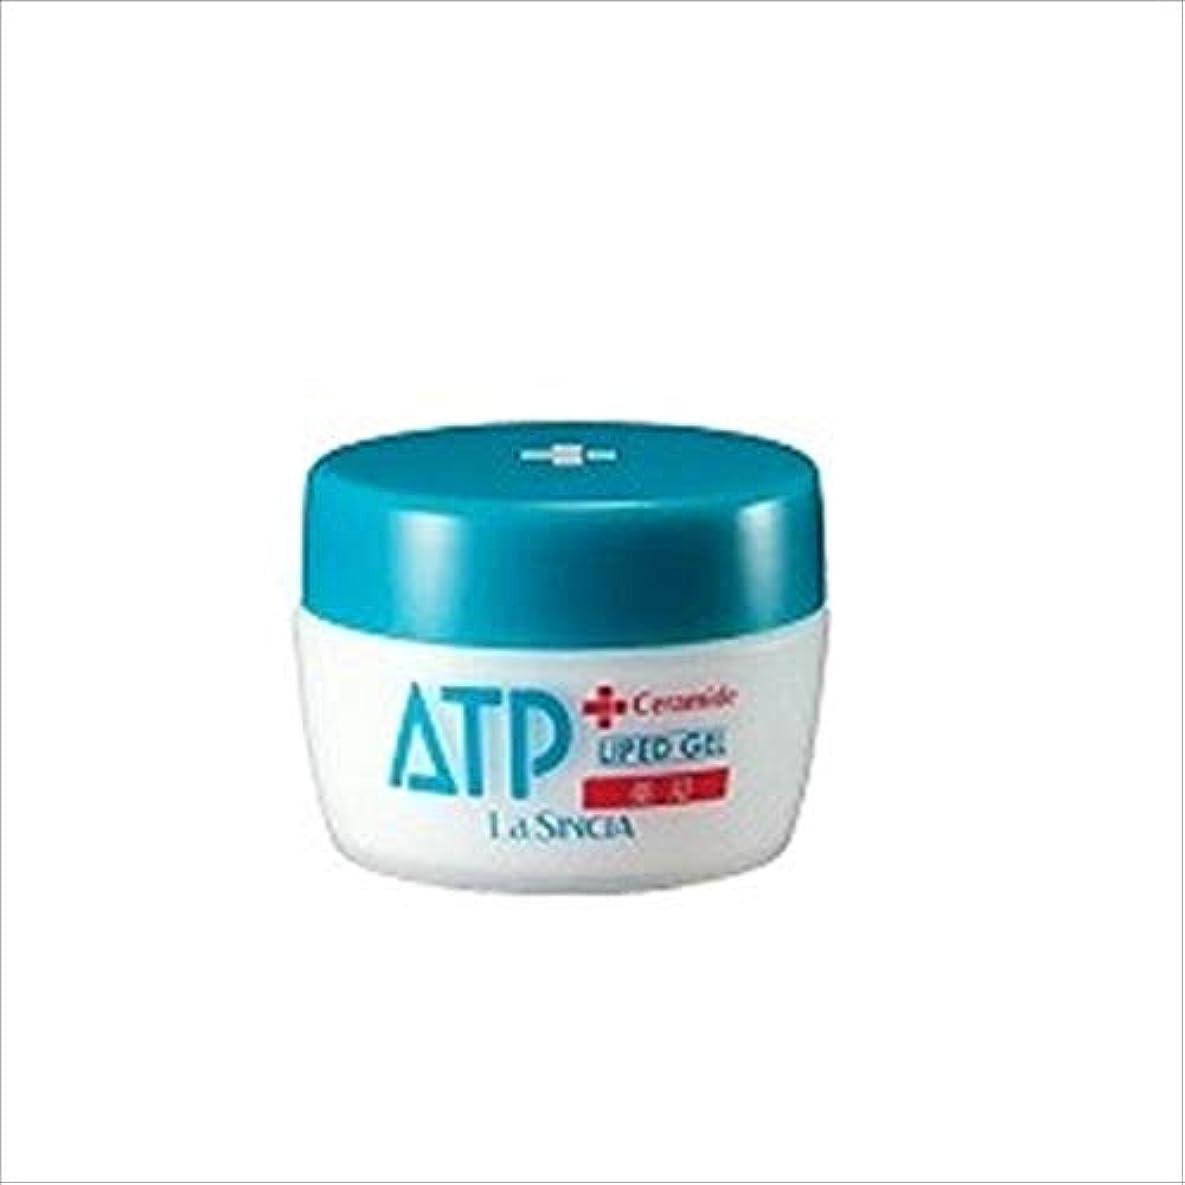 ラダサルベージベッドラ?シンシア 薬用ATP リピッドゲル 30g (全身?頭皮?頭髪用保湿ゲルクリーム)